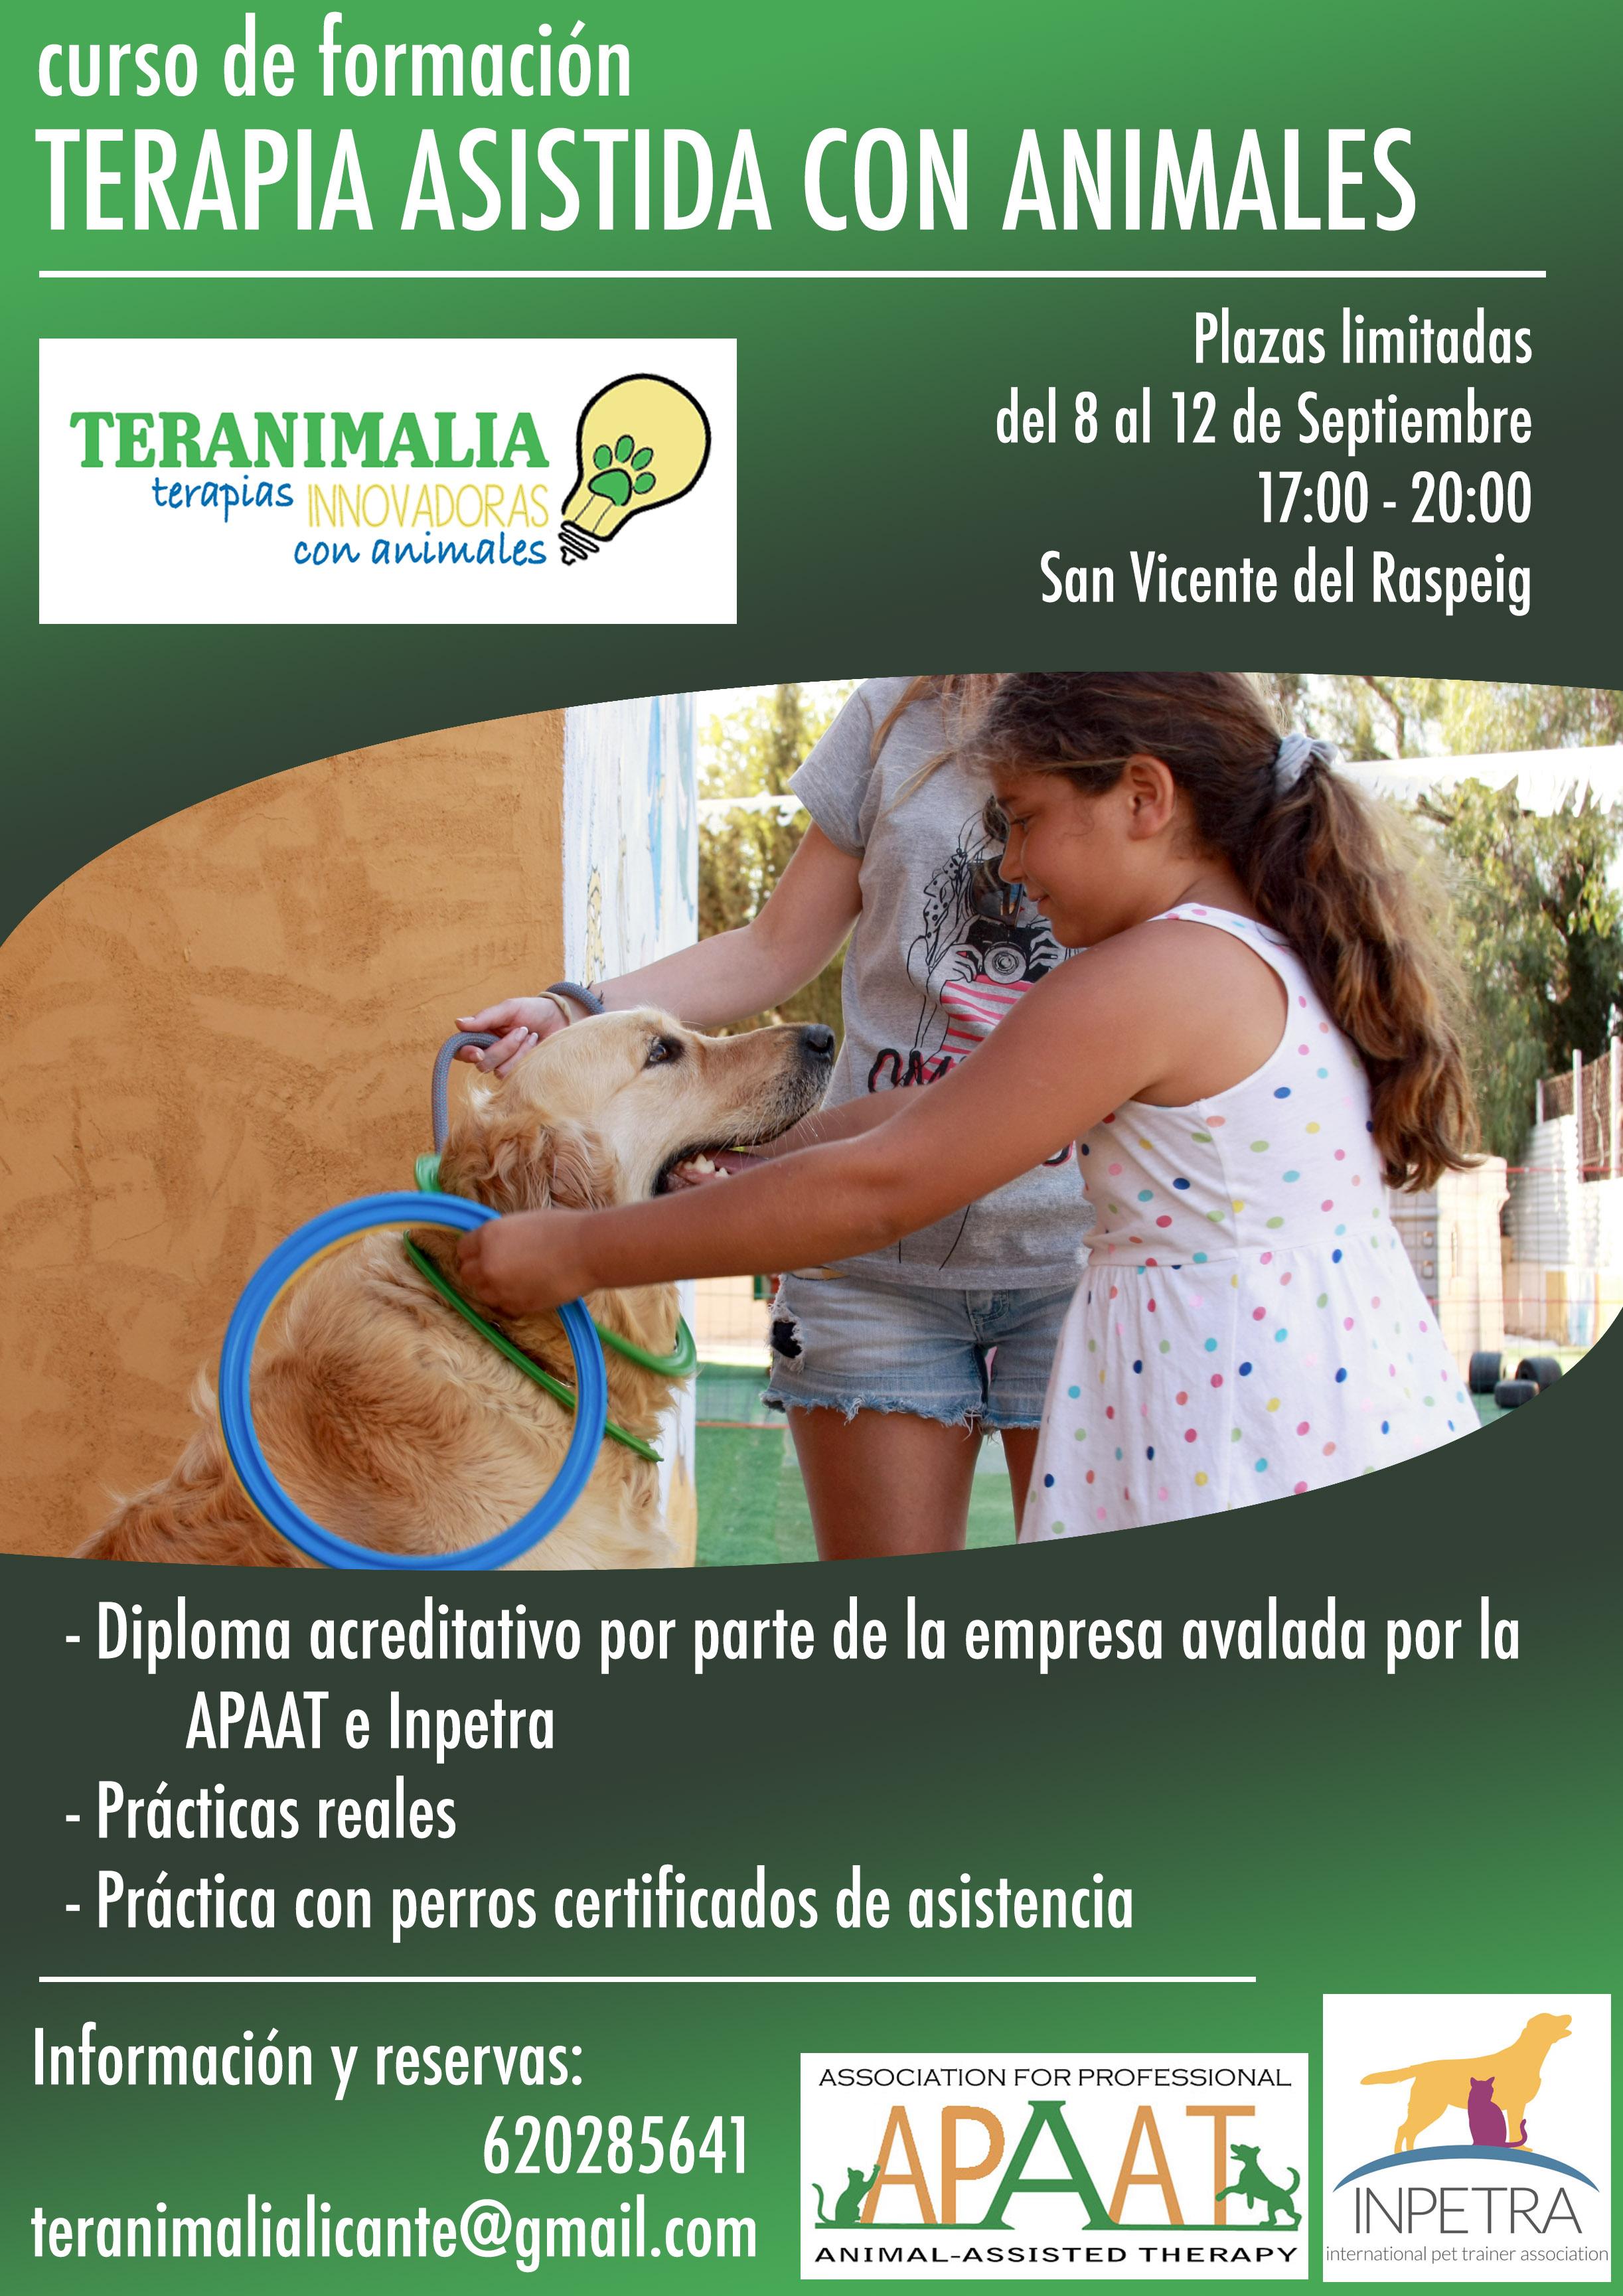 Curso de terapia asistida con animales en alicante